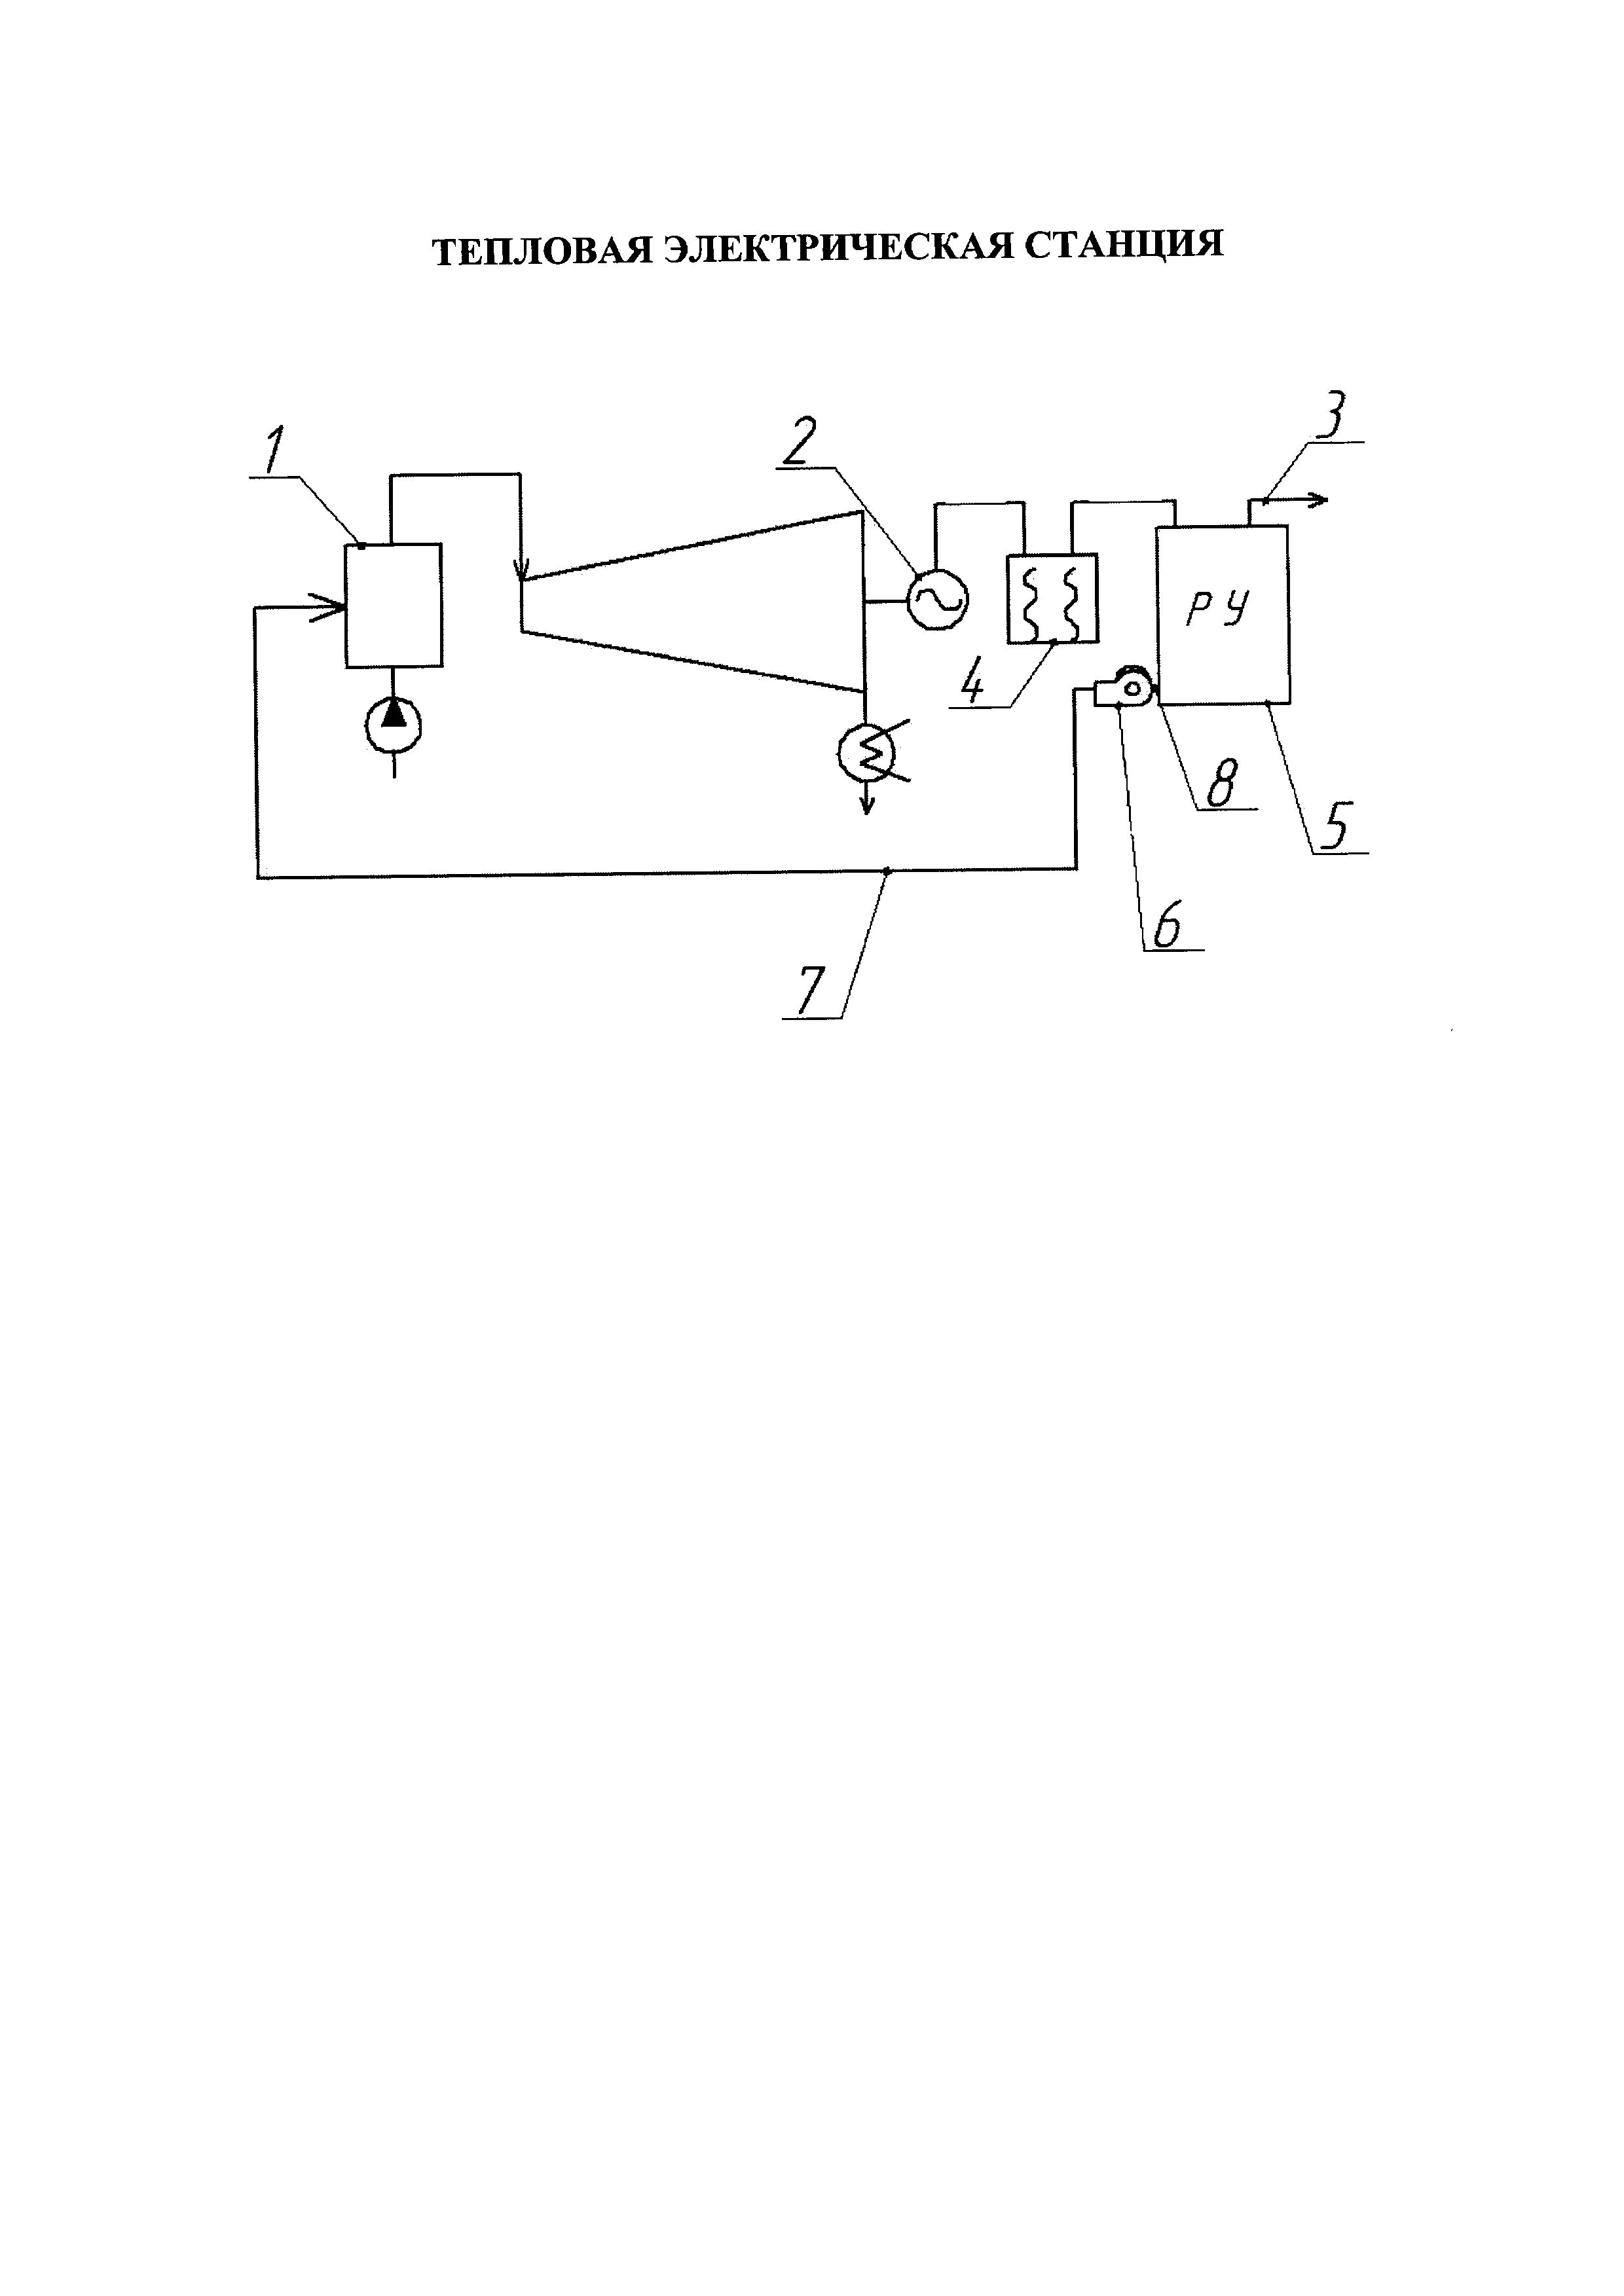 Тепловая электрическая станция